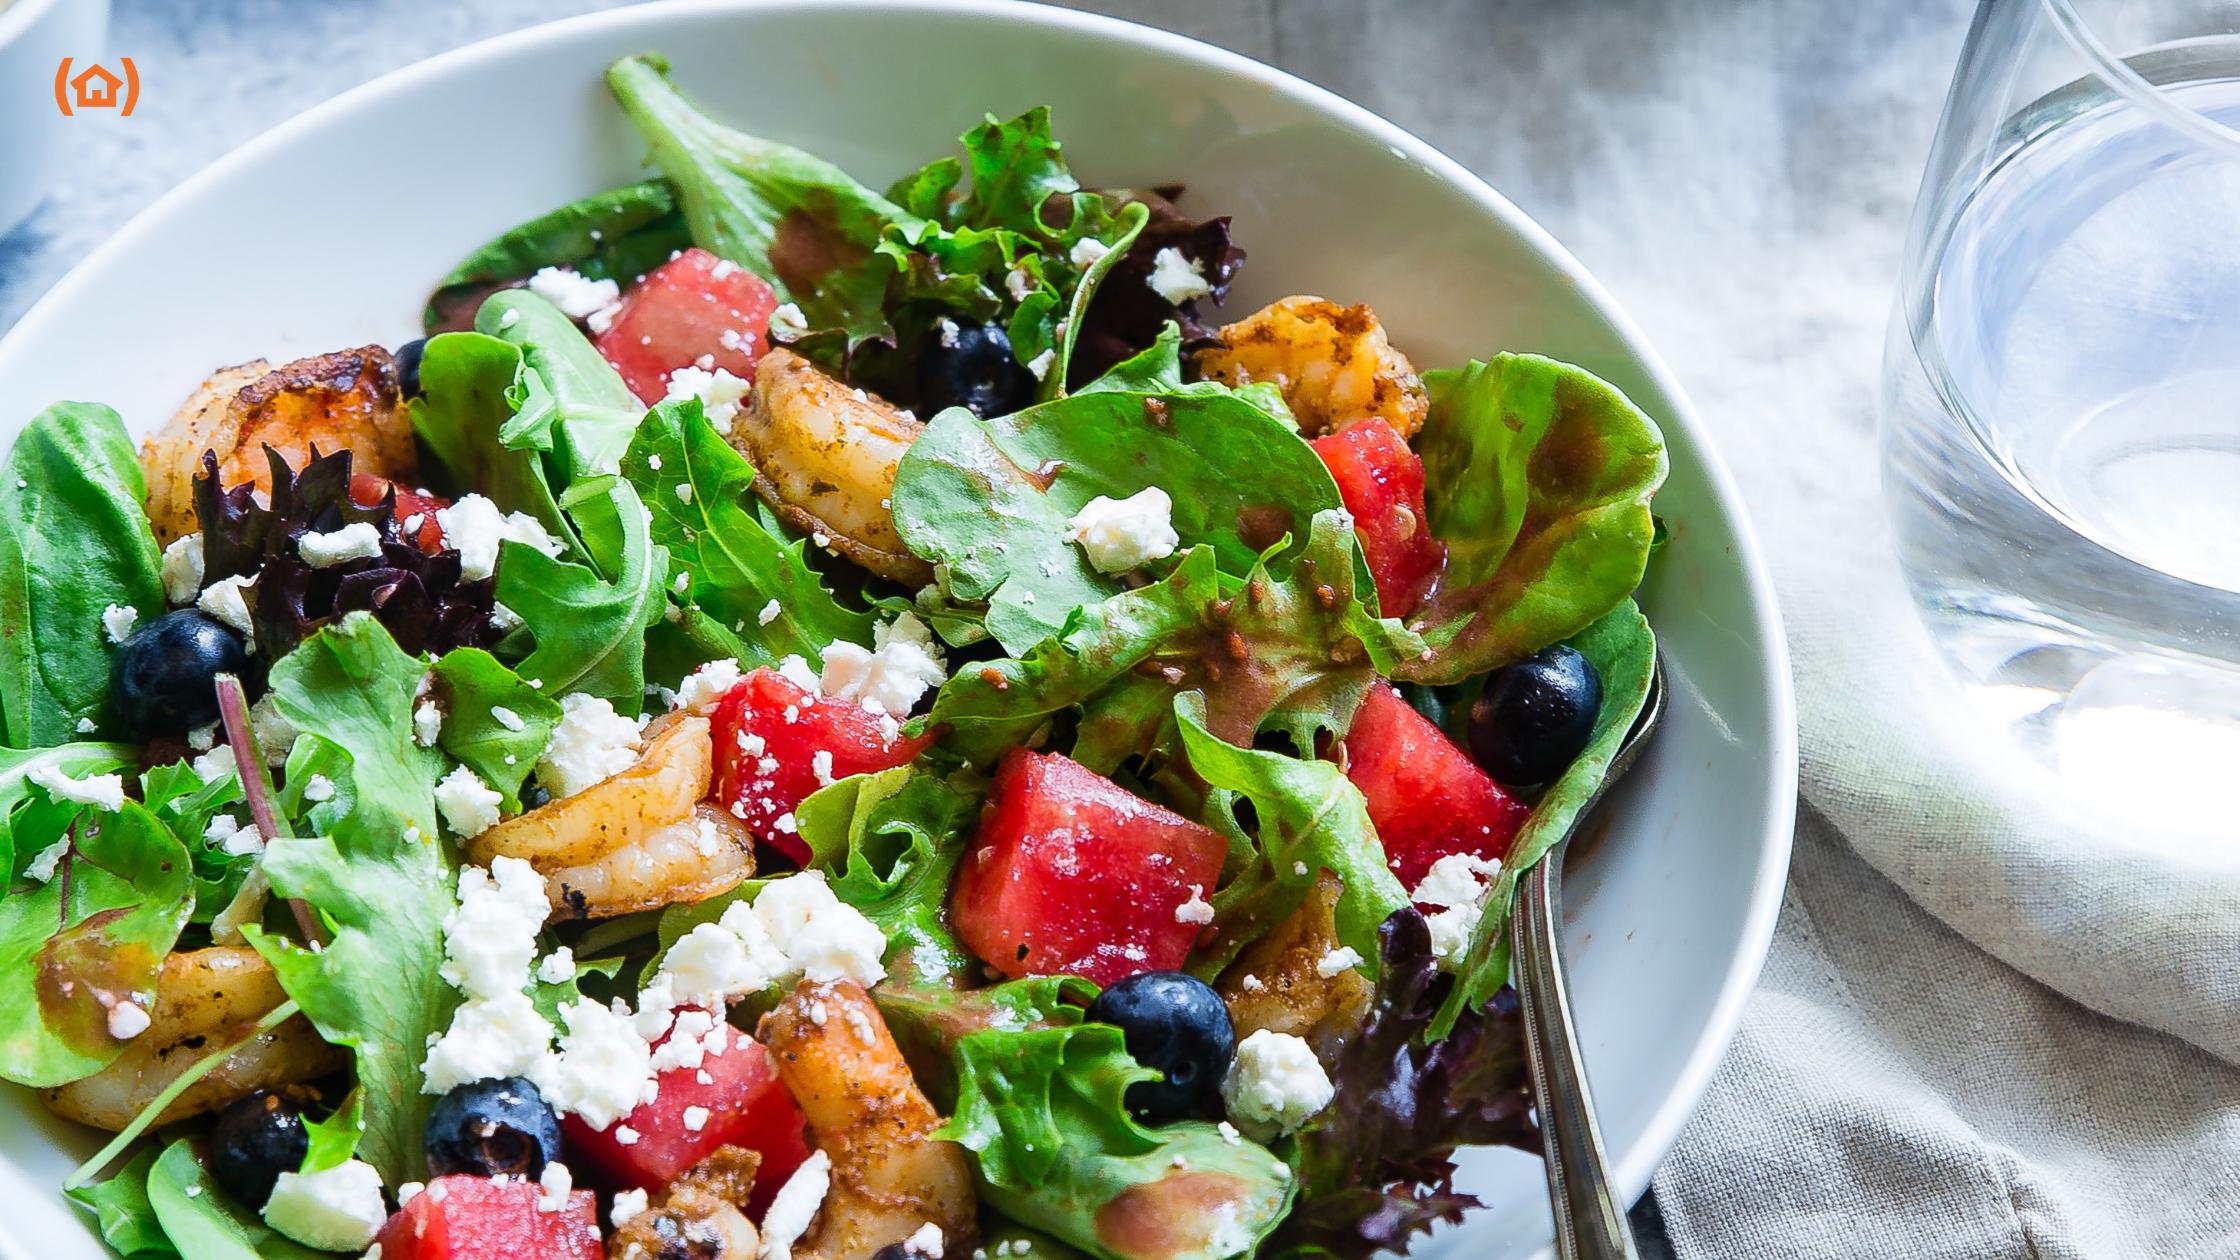 Hoy os traemos una serie de ideas para que los mayores disfruten de una dieta de verano rica y saludable, pero también adaptada a las condiciones climatológicas.